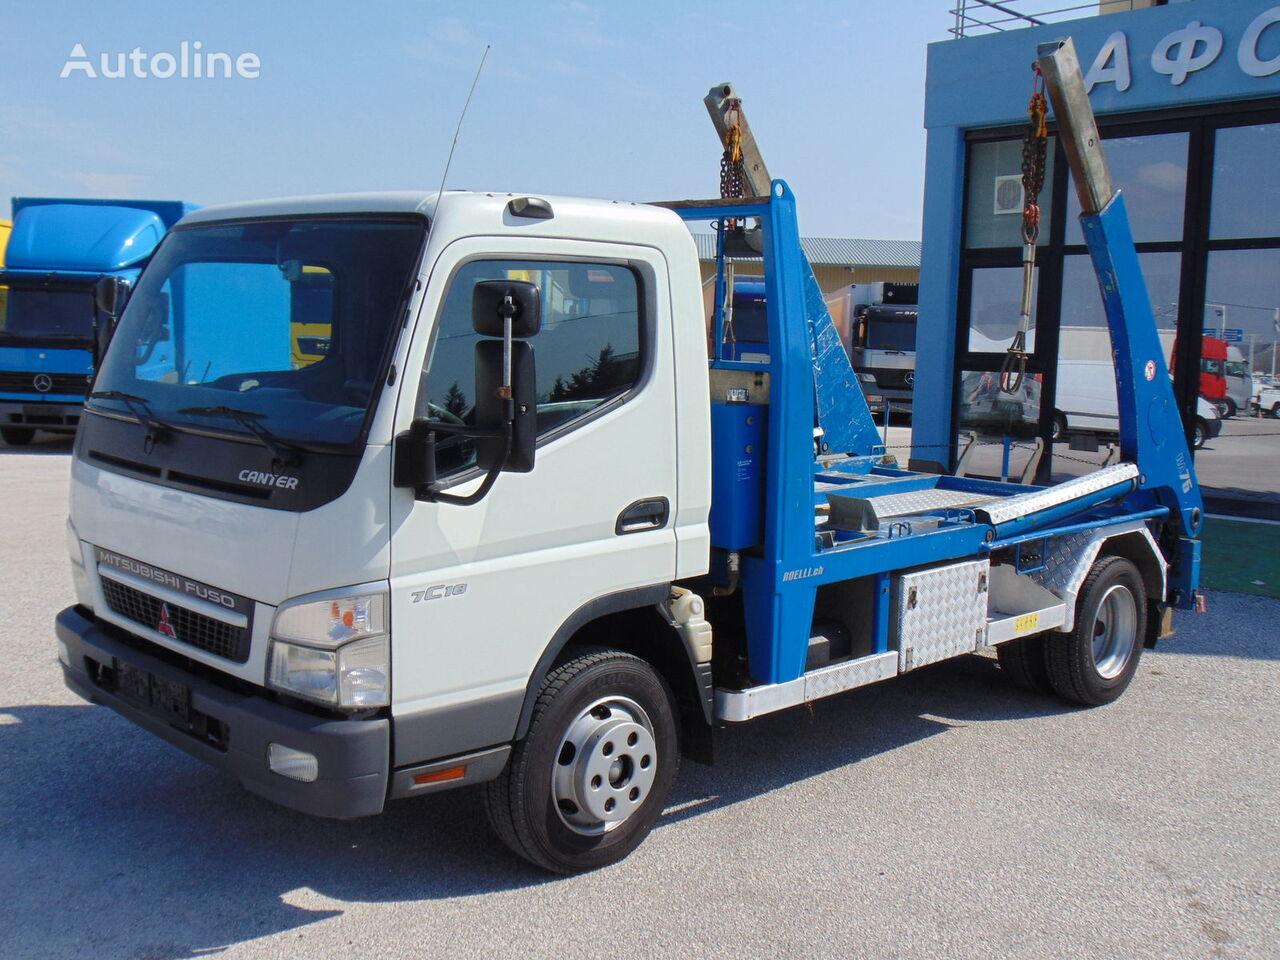 φορτηγό καδοφόρος φορτωτής Mitsubishi Fuso CANTER 7C18